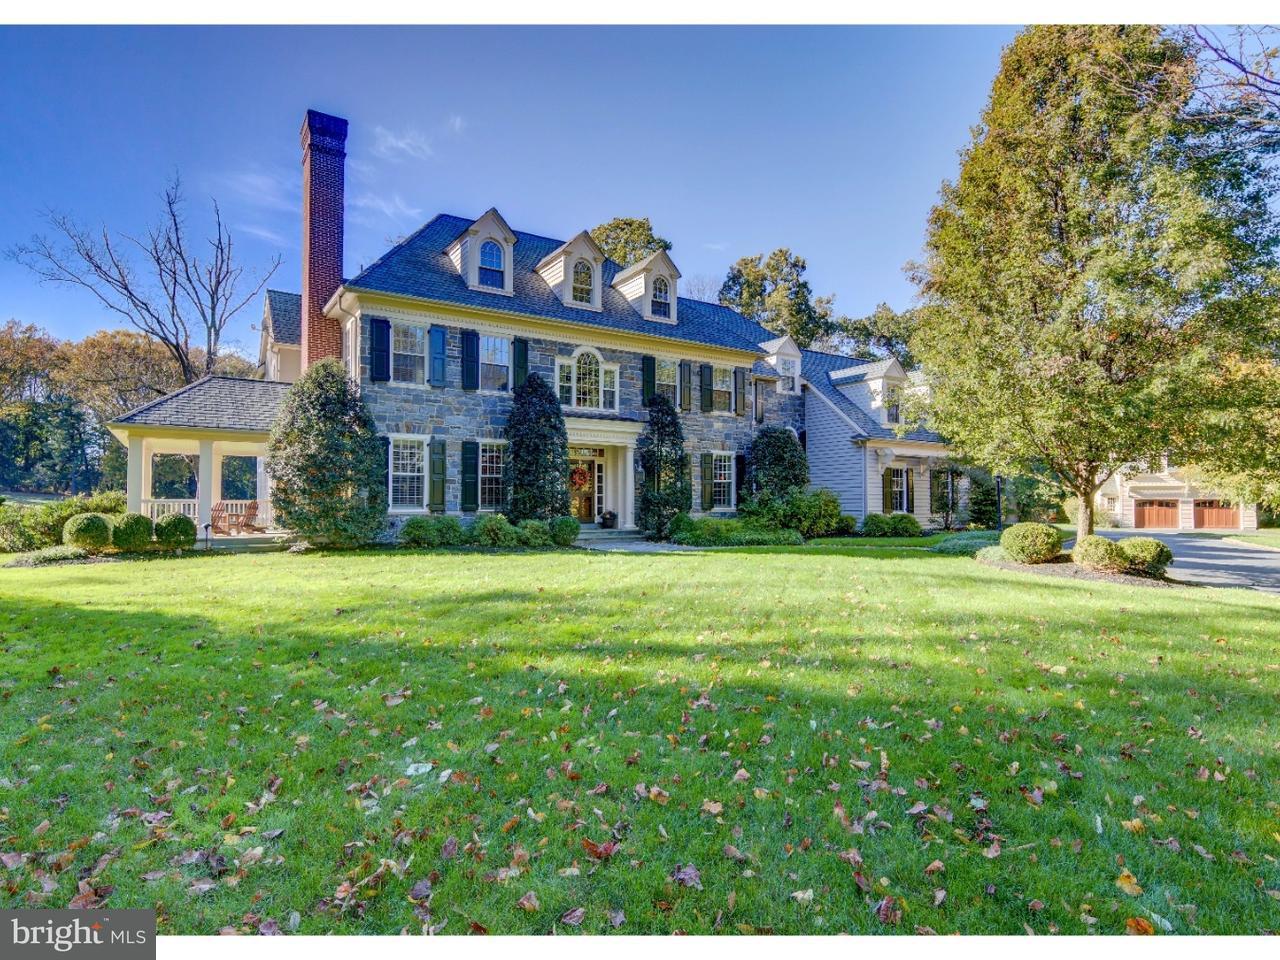 Частный односемейный дом для того Продажа на 415 TIMBER Lane Newtown Square, Пенсильвания 19073 Соединенные Штаты